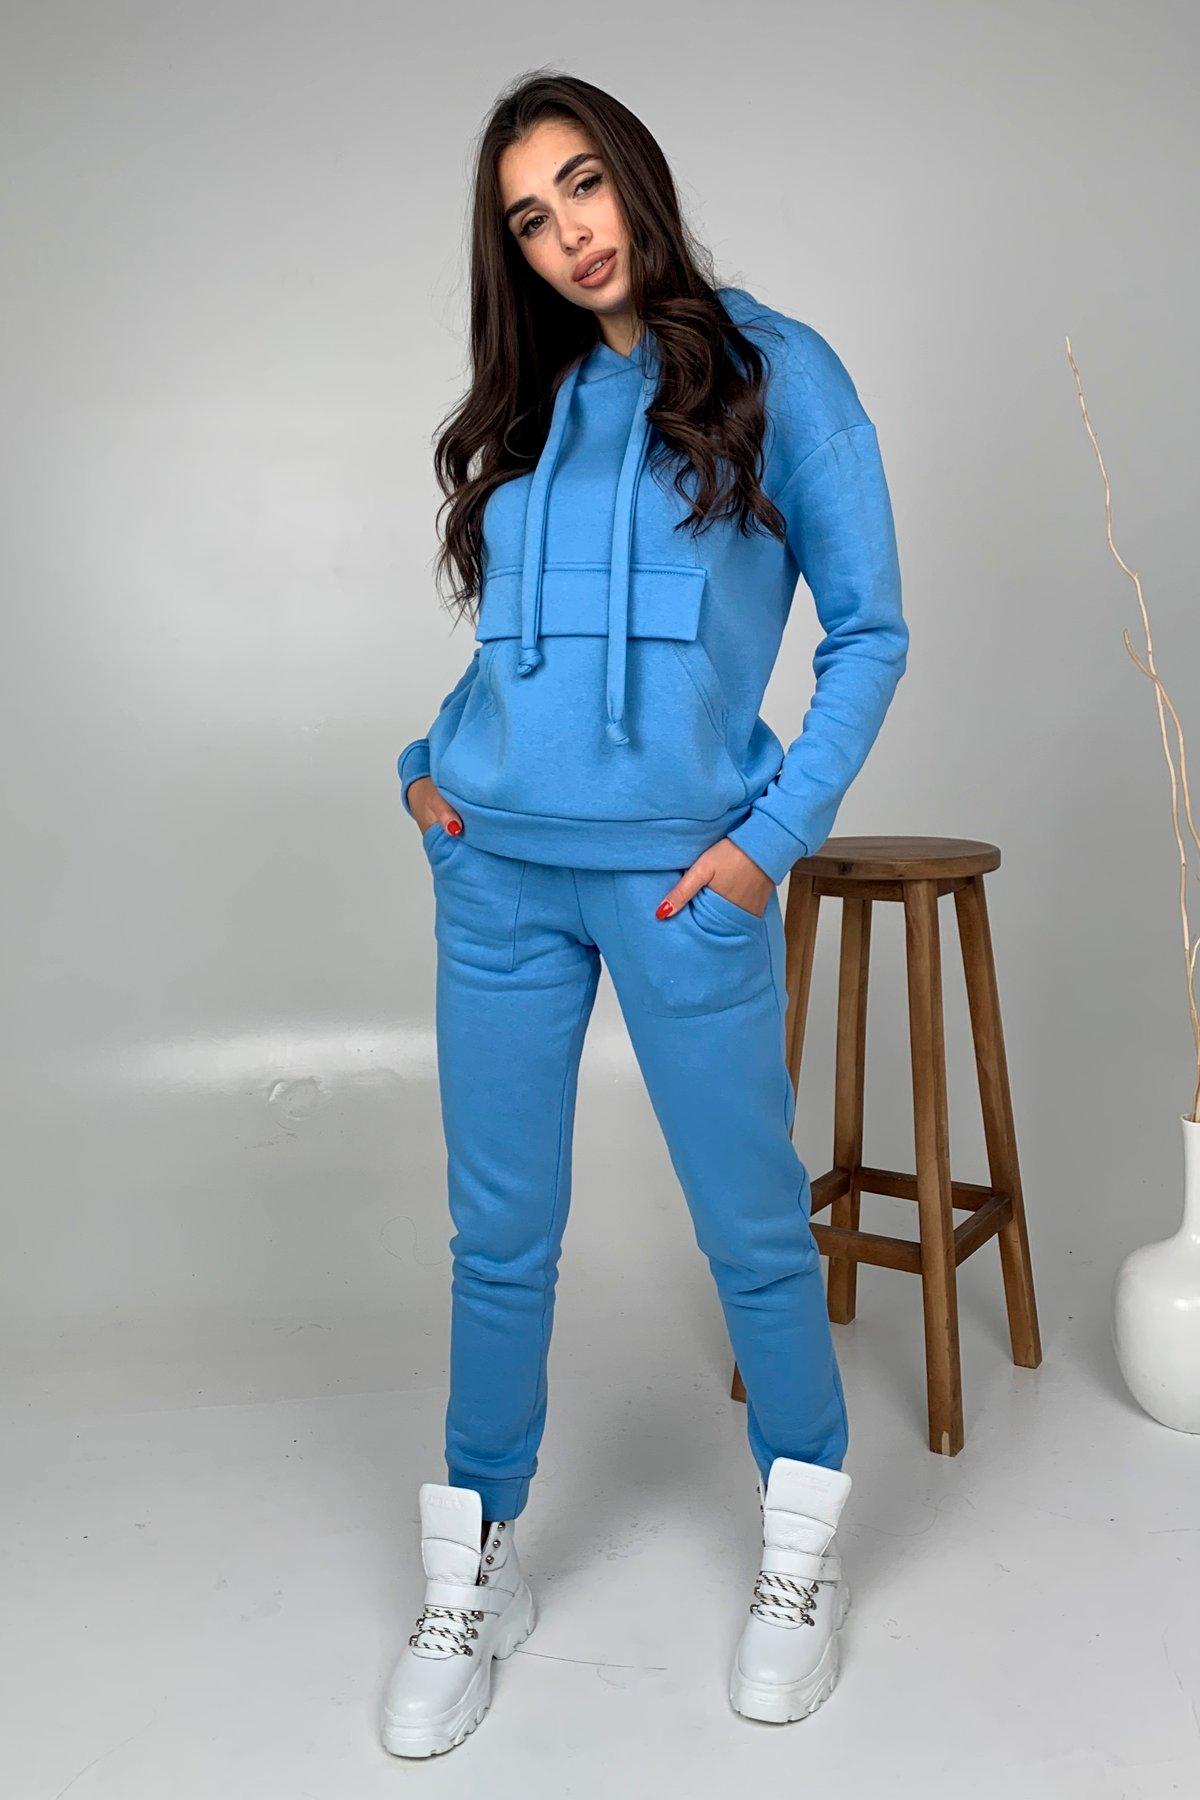 Бруклин  прогулочный костюм 3х нитка с начесом  9663 АРТ. 46462 Цвет: Голубой 1 - фото 3, интернет магазин tm-modus.ru